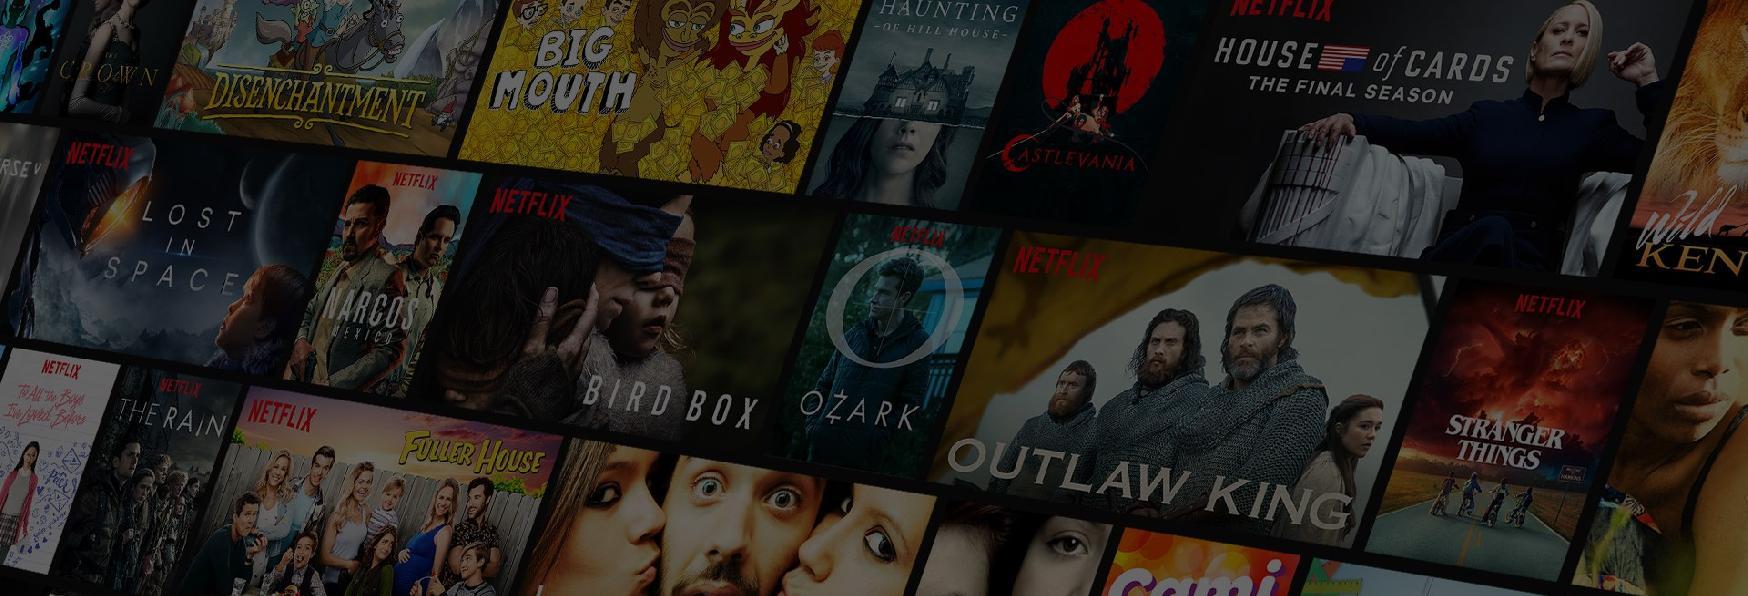 Battaglia per lo Streaming Video: Netflix dice no ad Apple per i suoi Contenuti